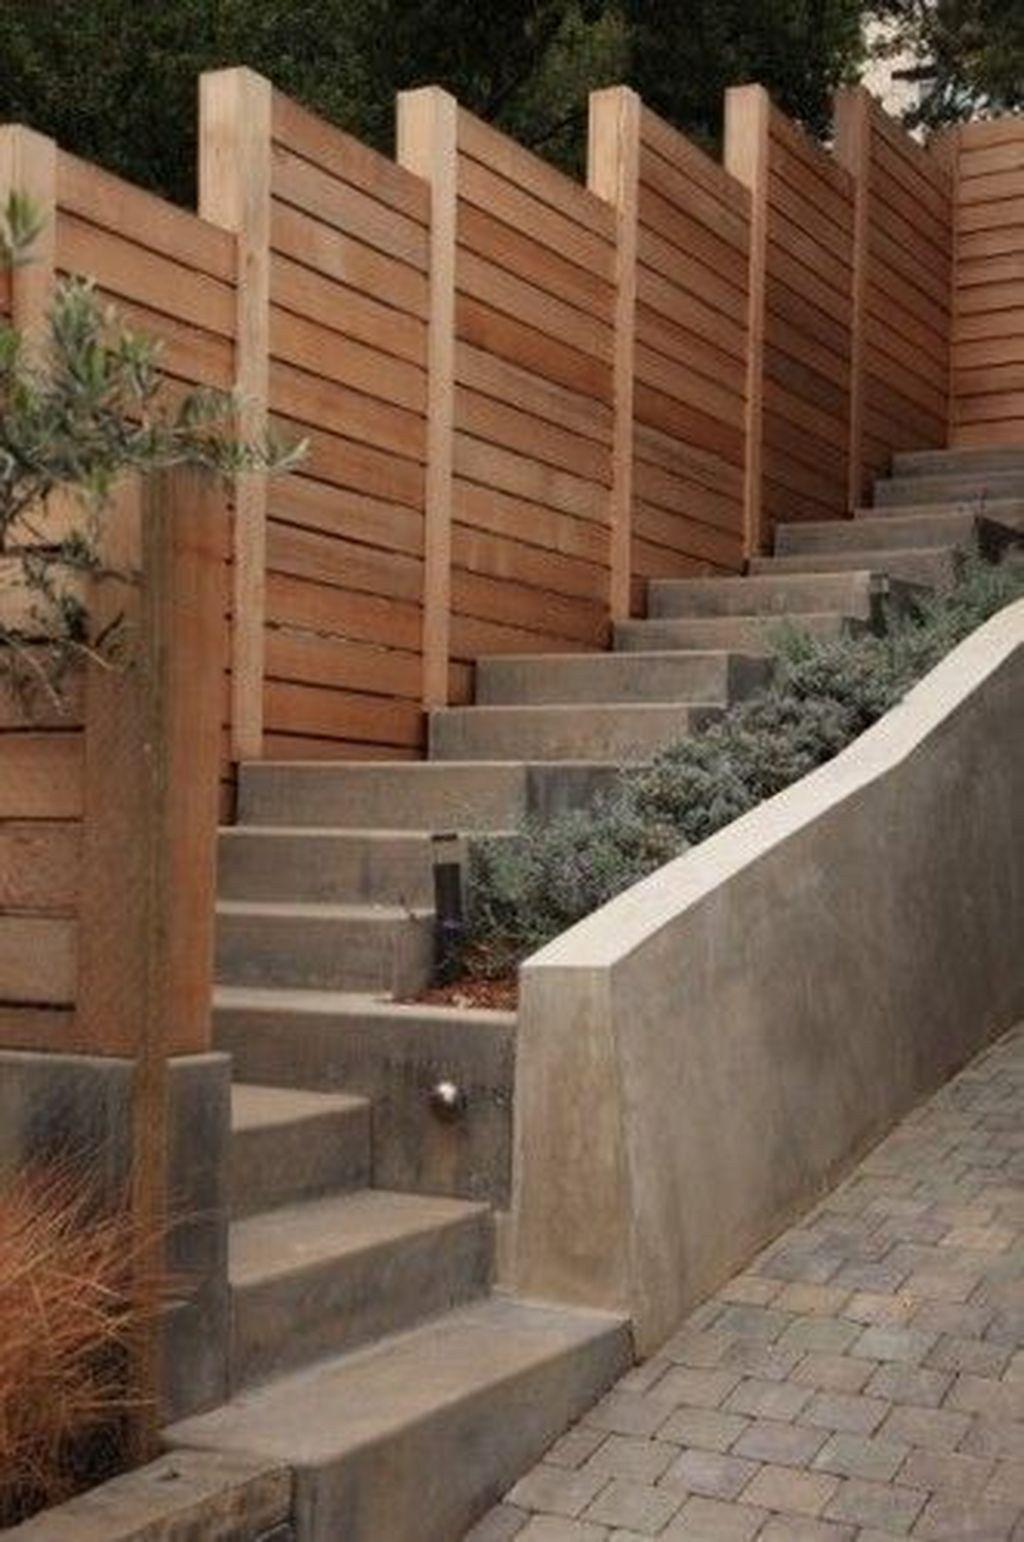 37 fantastische geneigte Yard Zaun Ideen für jedes Haus #zaunideen